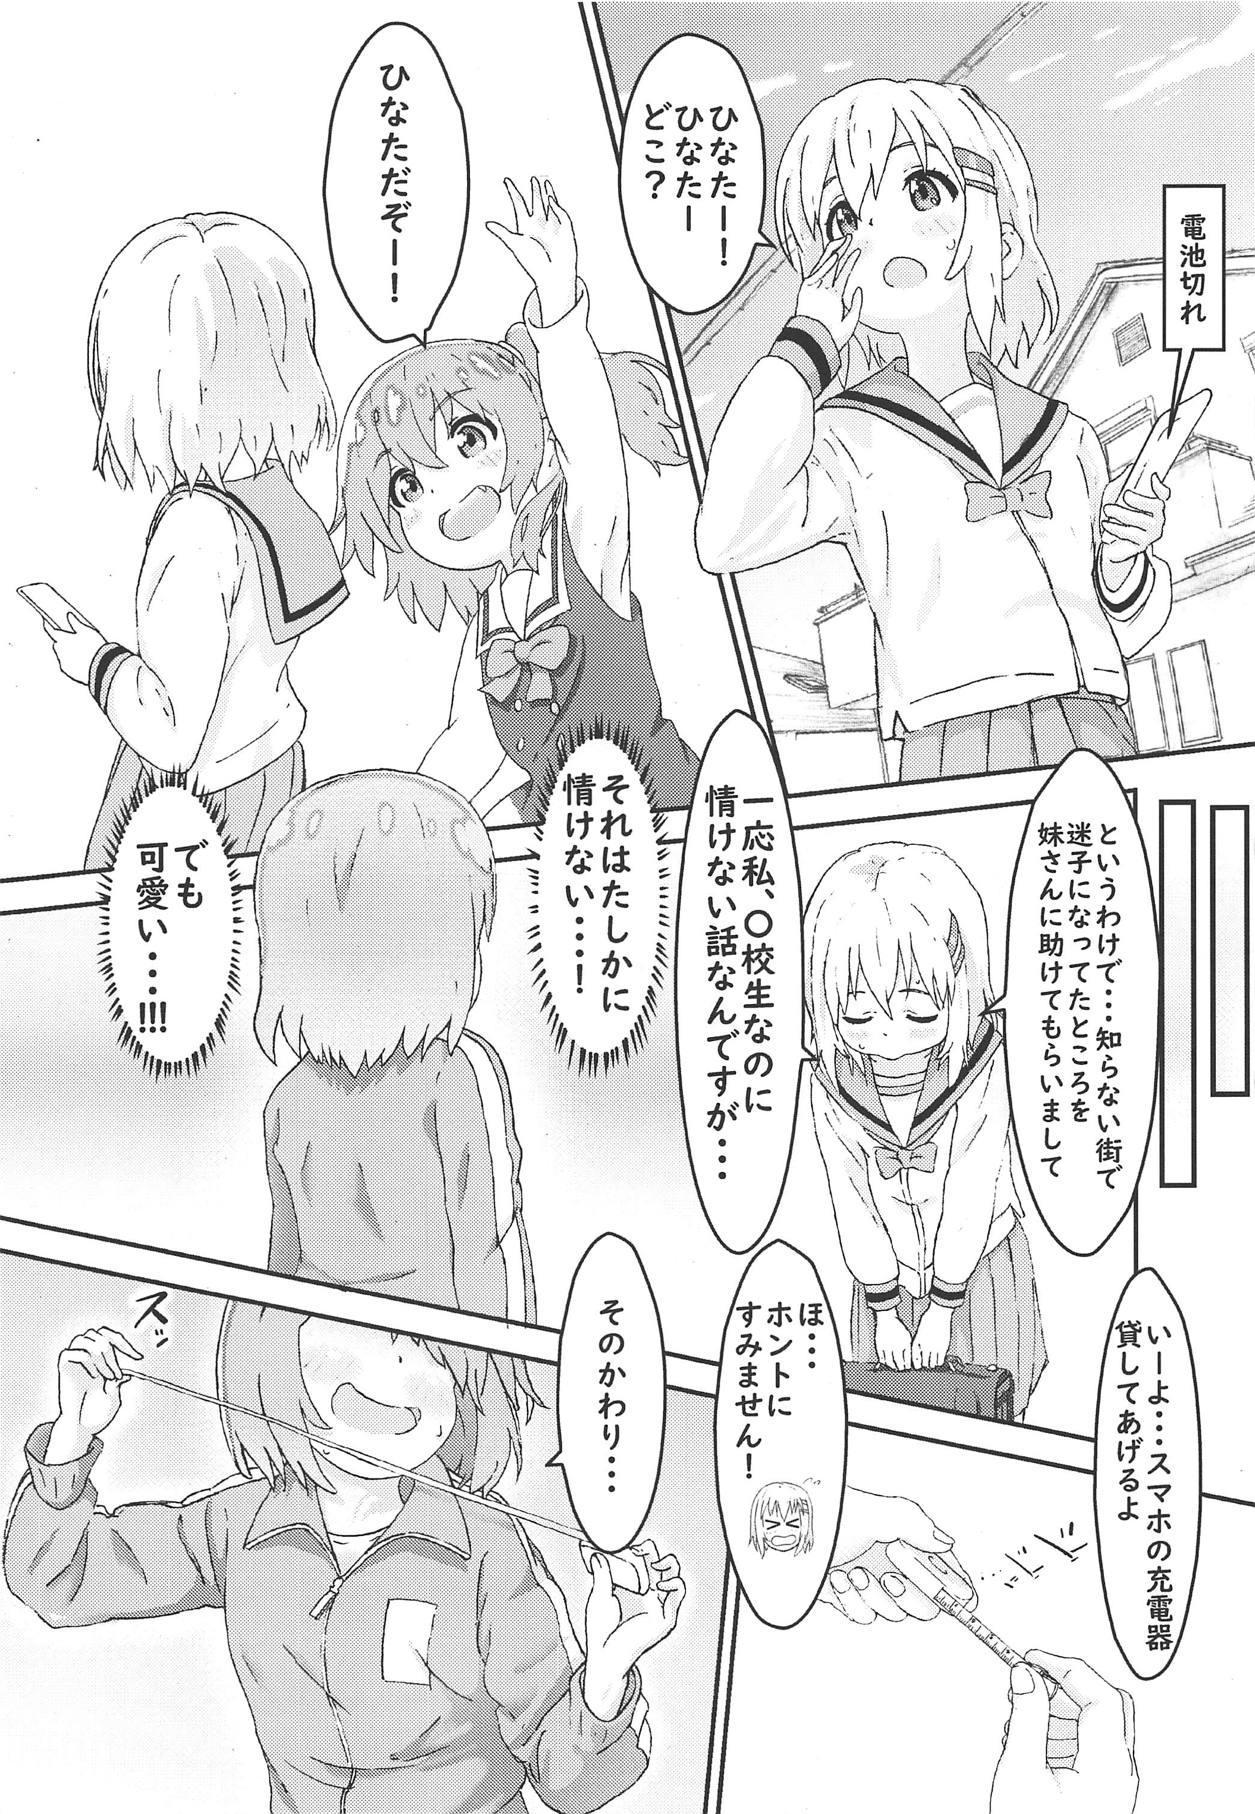 Watashi ni Yama Susume Shoujo ga Maiorita! 3